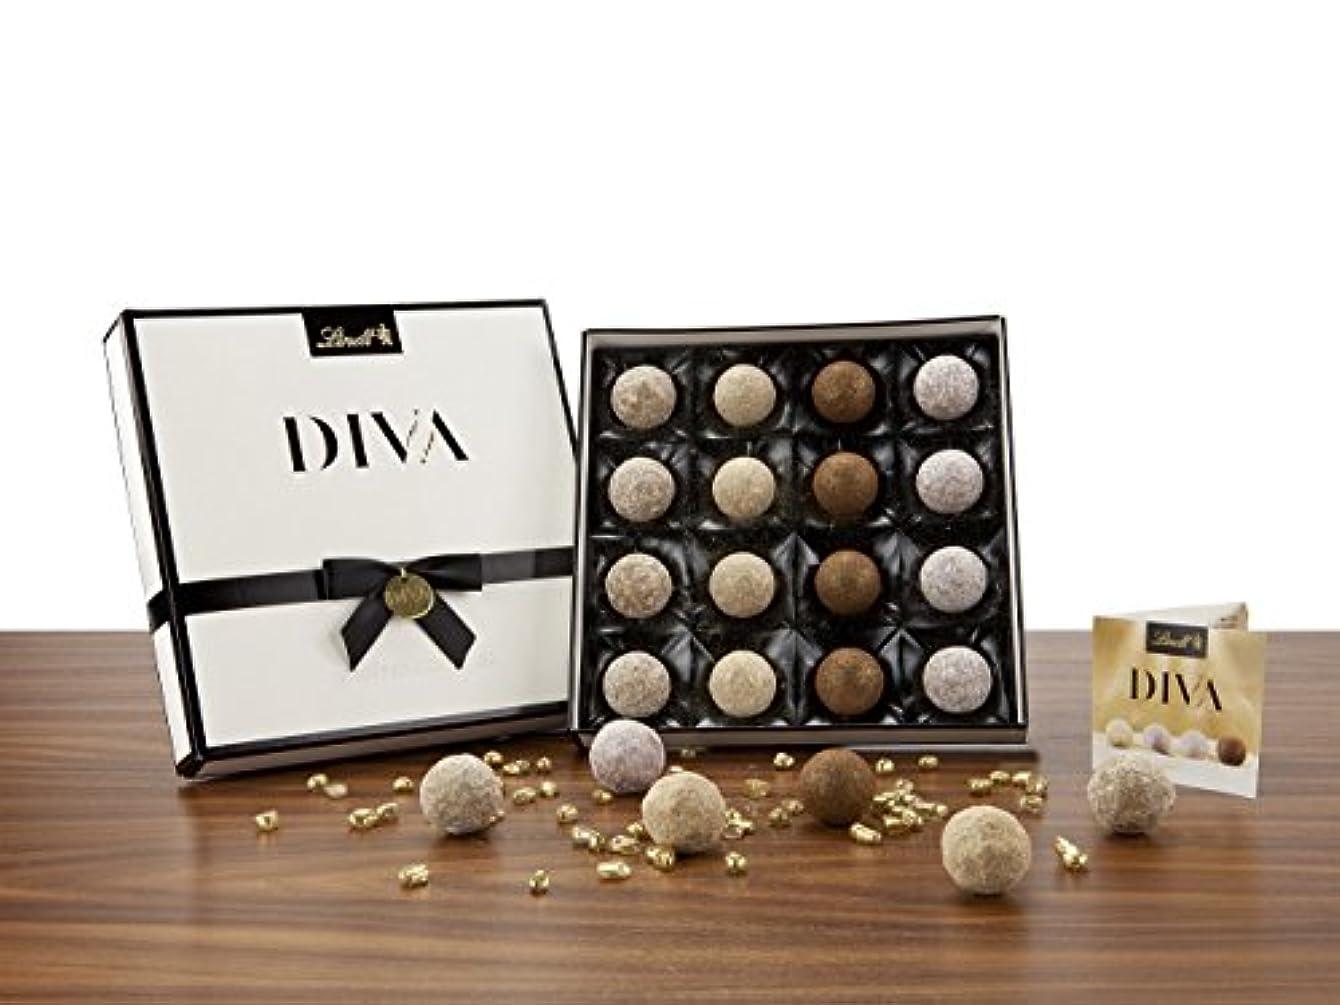 マーキートライアスリート確率Lindt Diva Praline Chocolates 182g_New! x5 SALE!!!